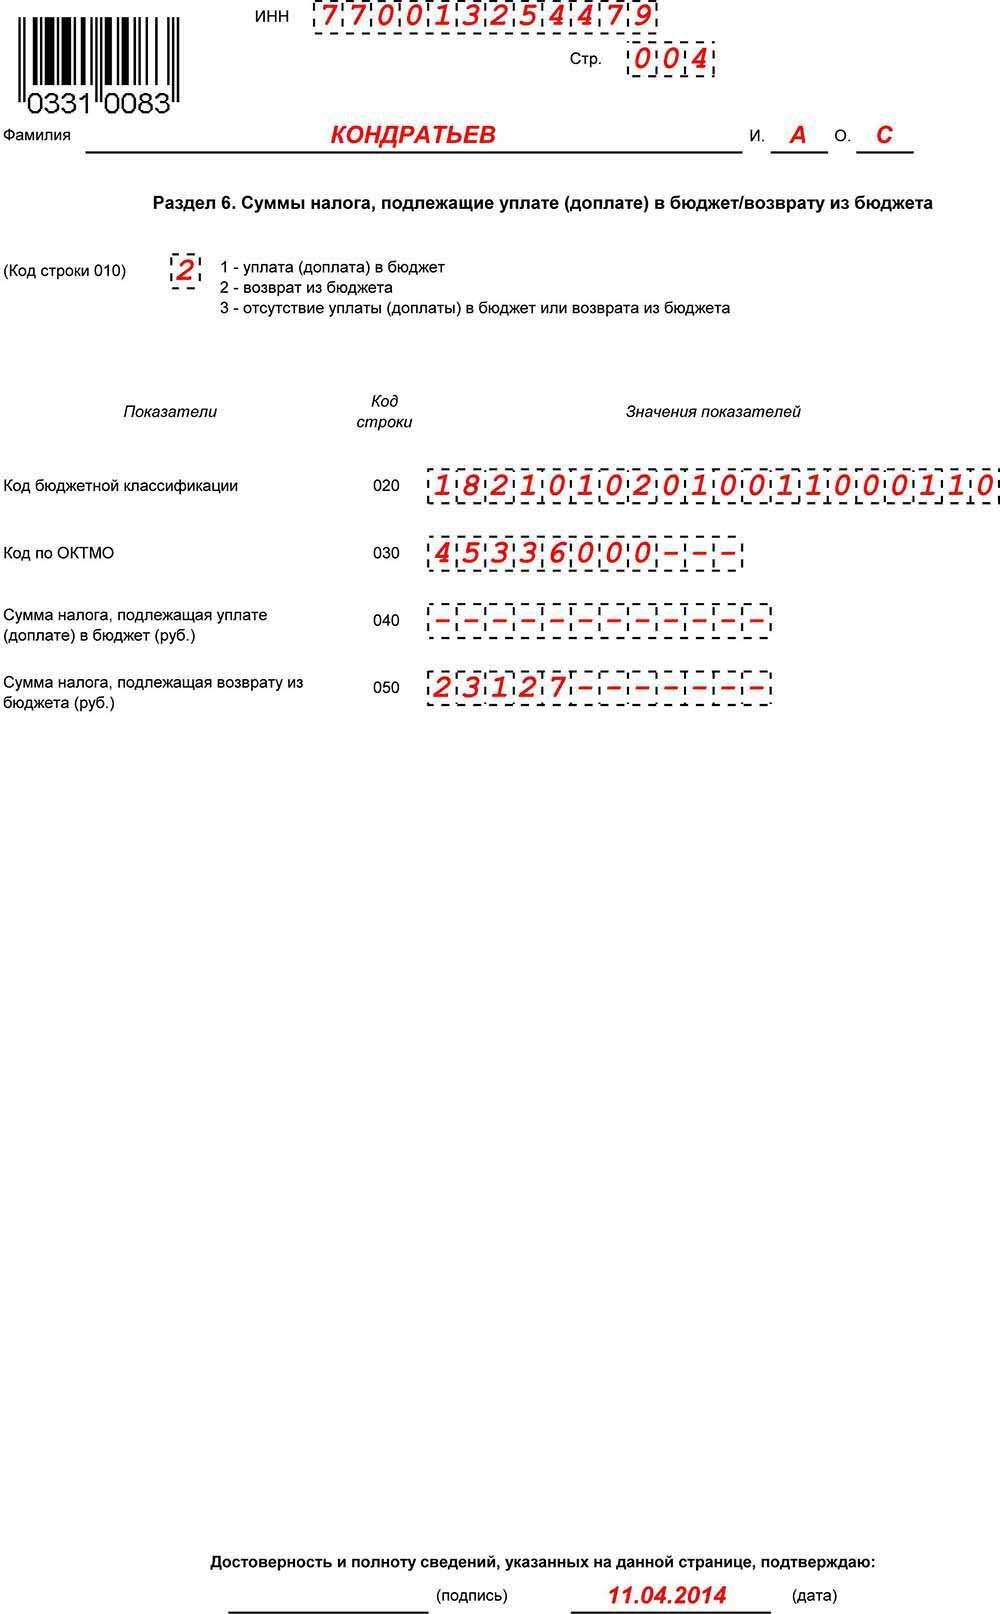 Пример заполнения декларации по форме 3-НДФЛ при покупке квартиры